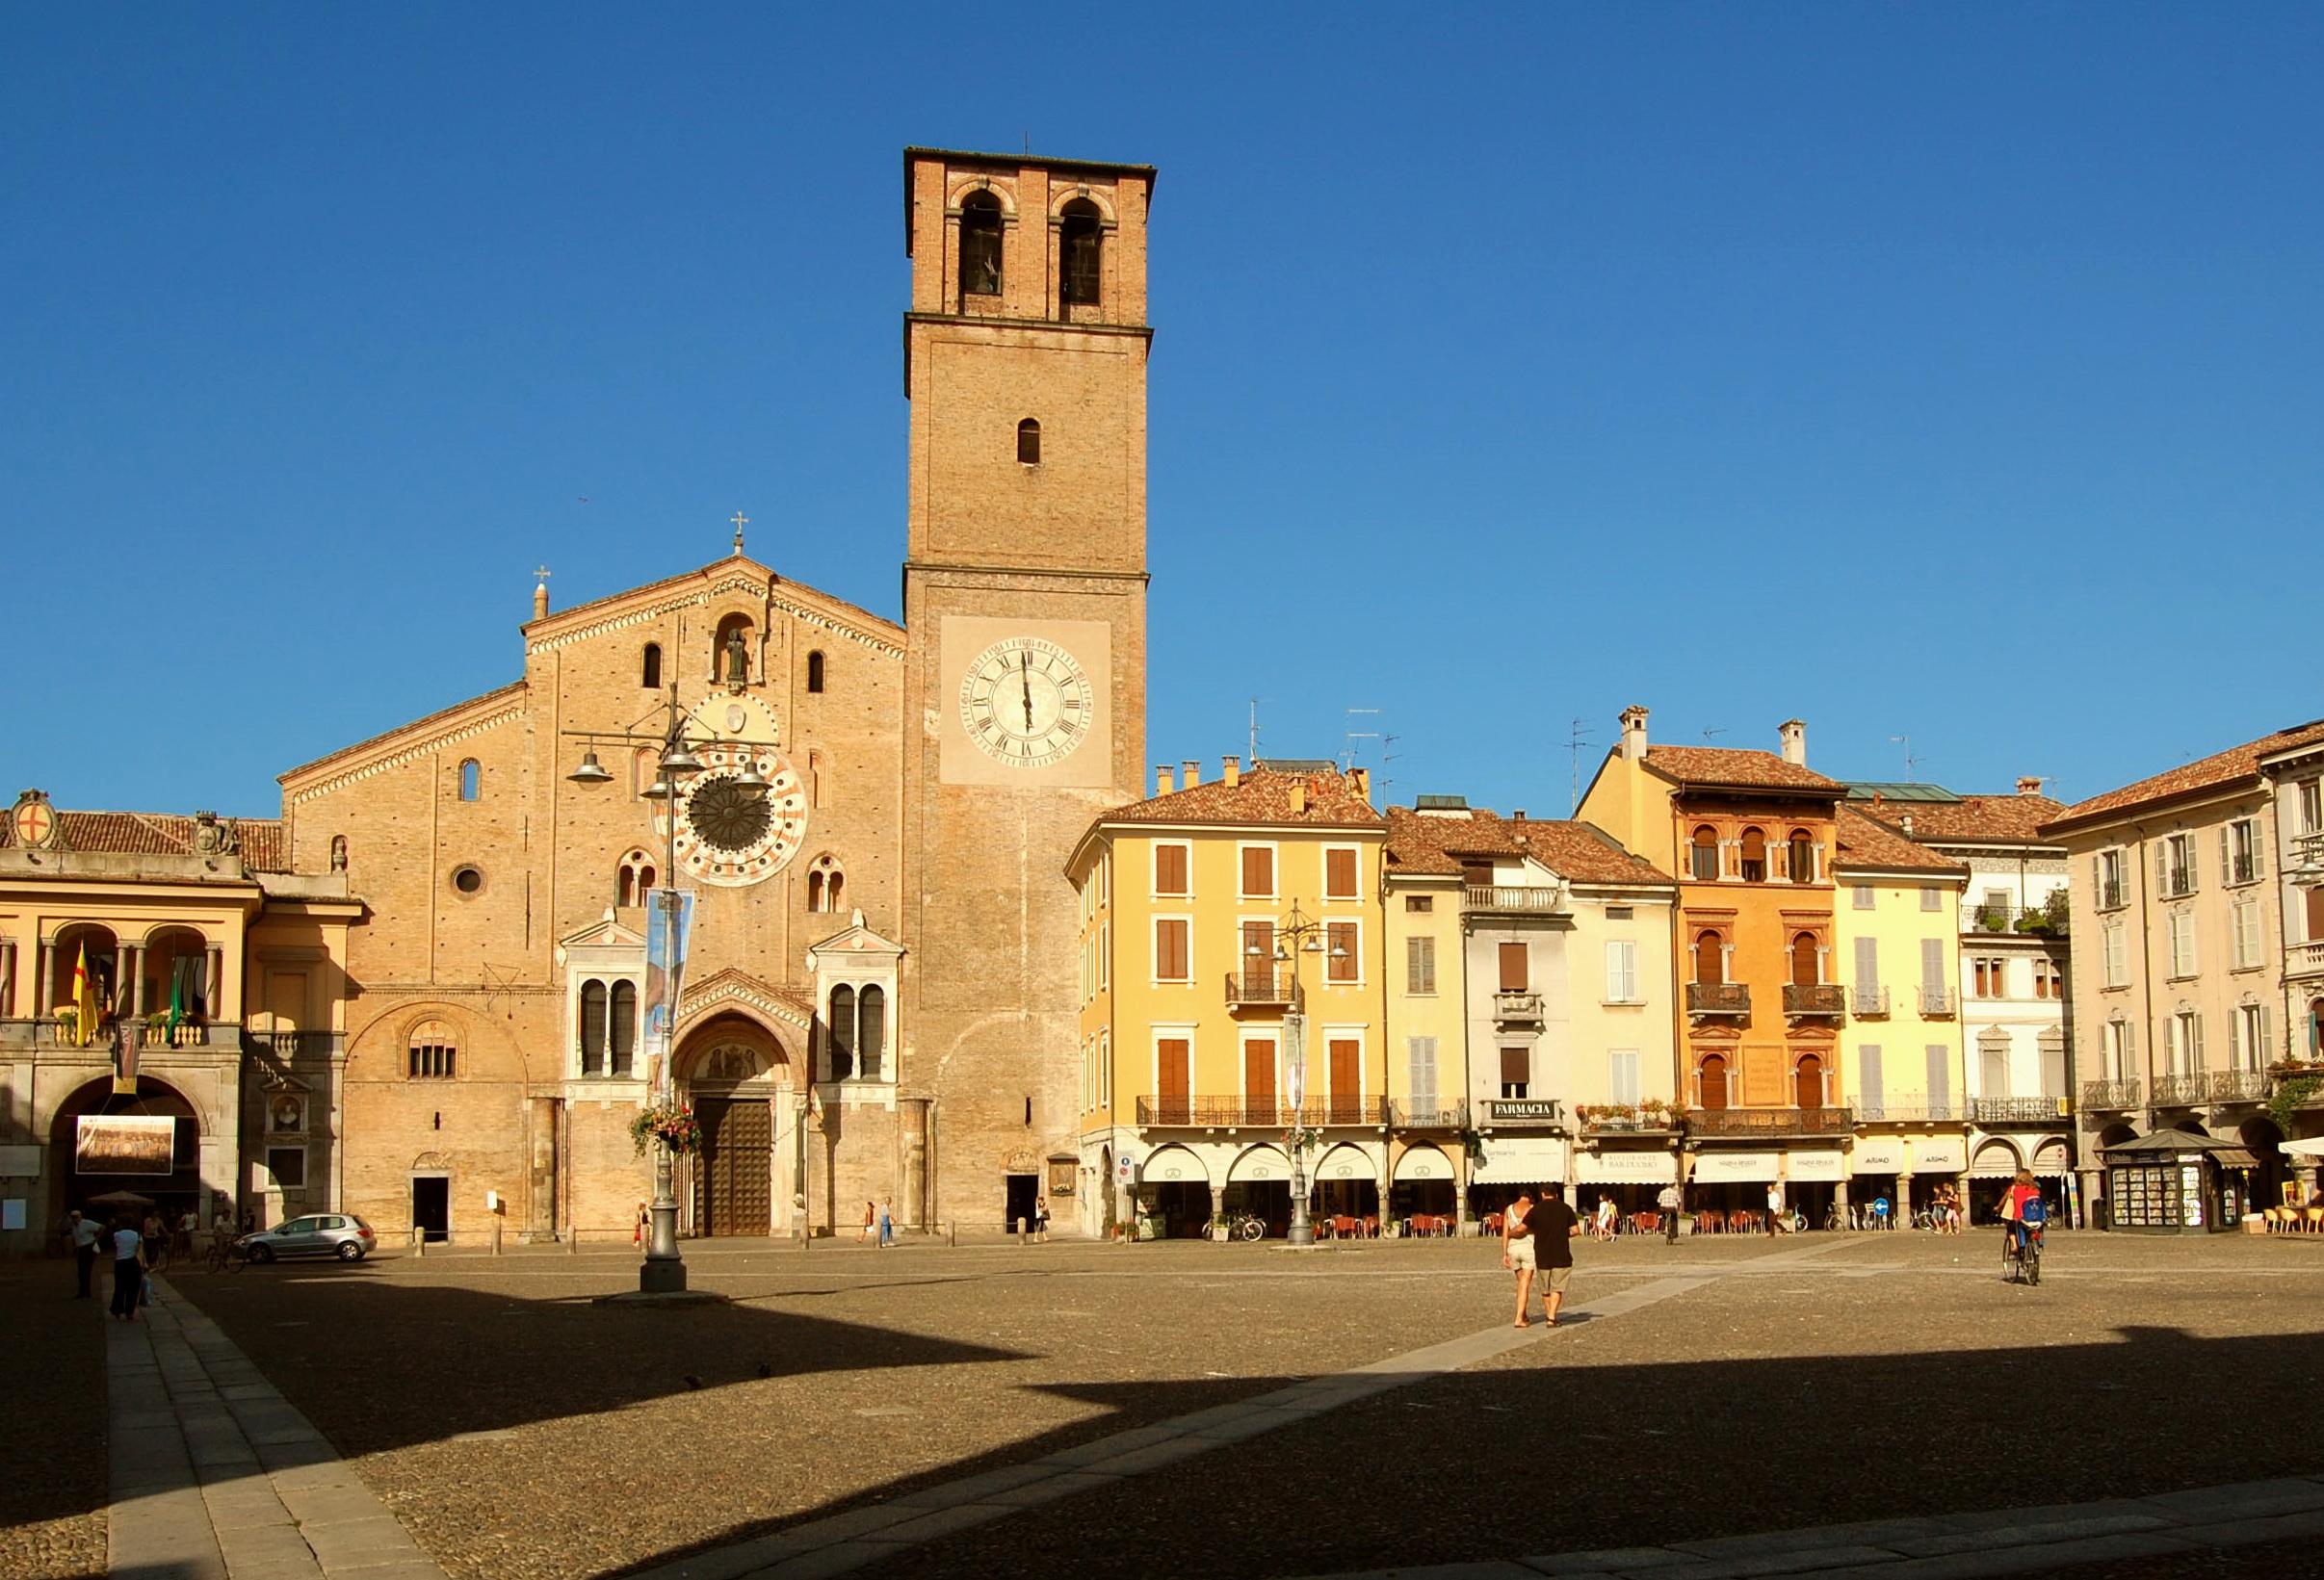 Lodi (Lombardei)